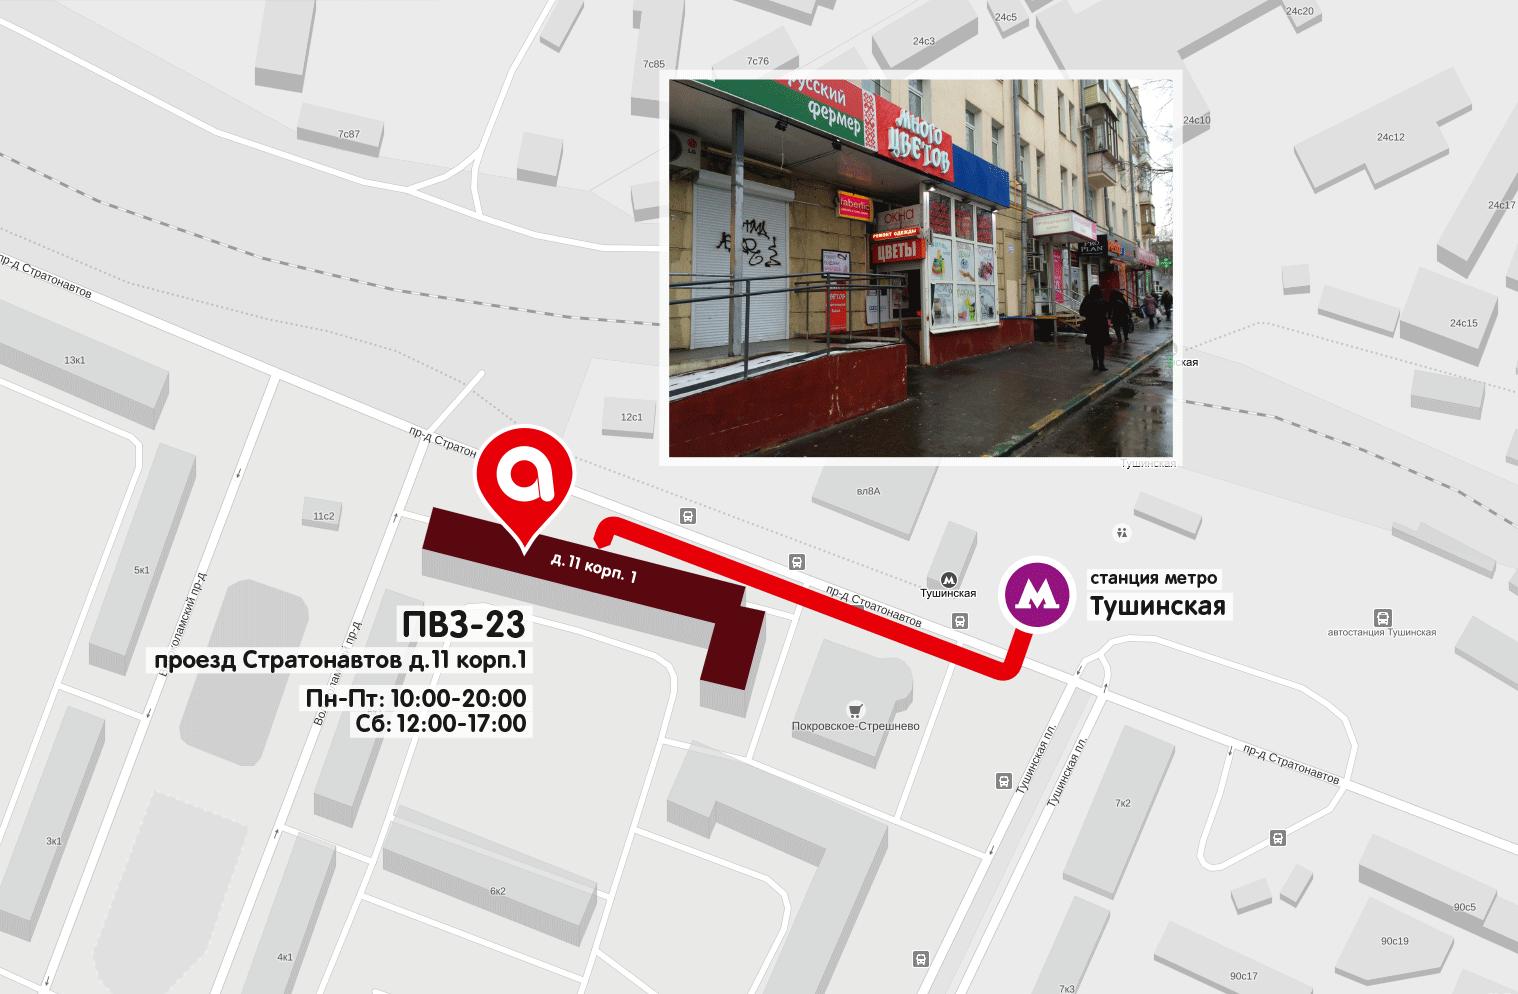 Схема проезда общественным транспортом от м тушинская